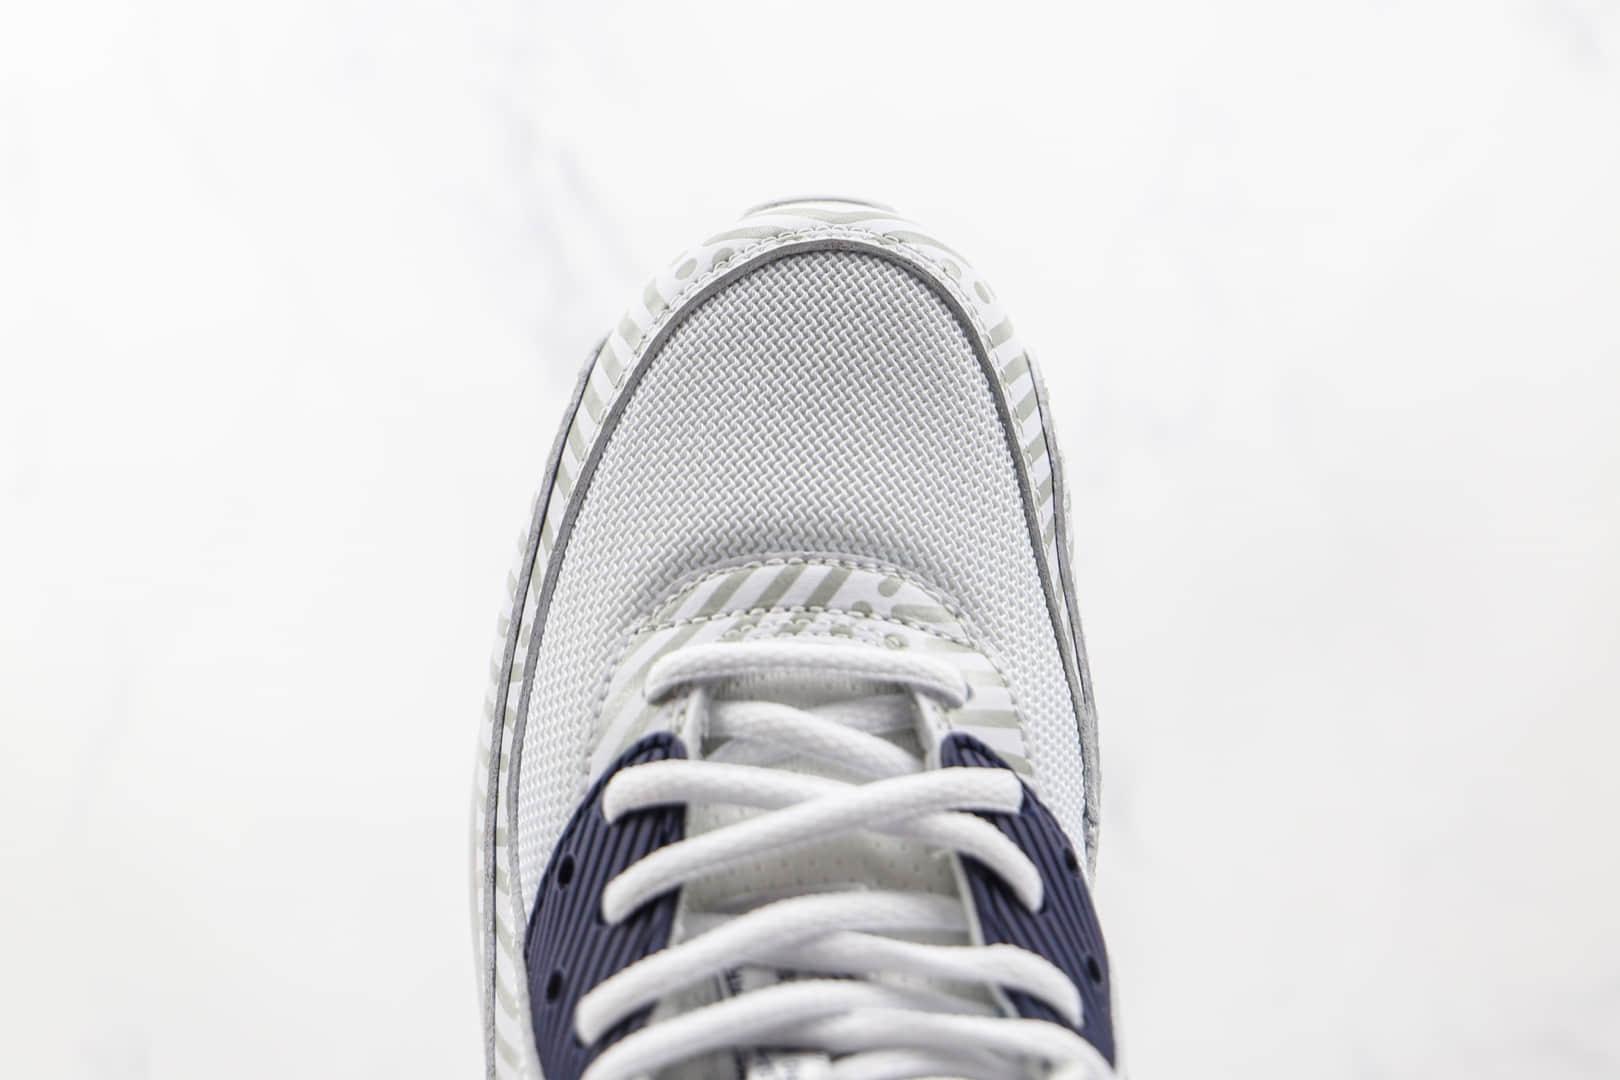 耐克Nike Air Max 90纯原版本条纹斑马Max90灰红蓝色气垫鞋原档案数据开发 货号:CW7574-100